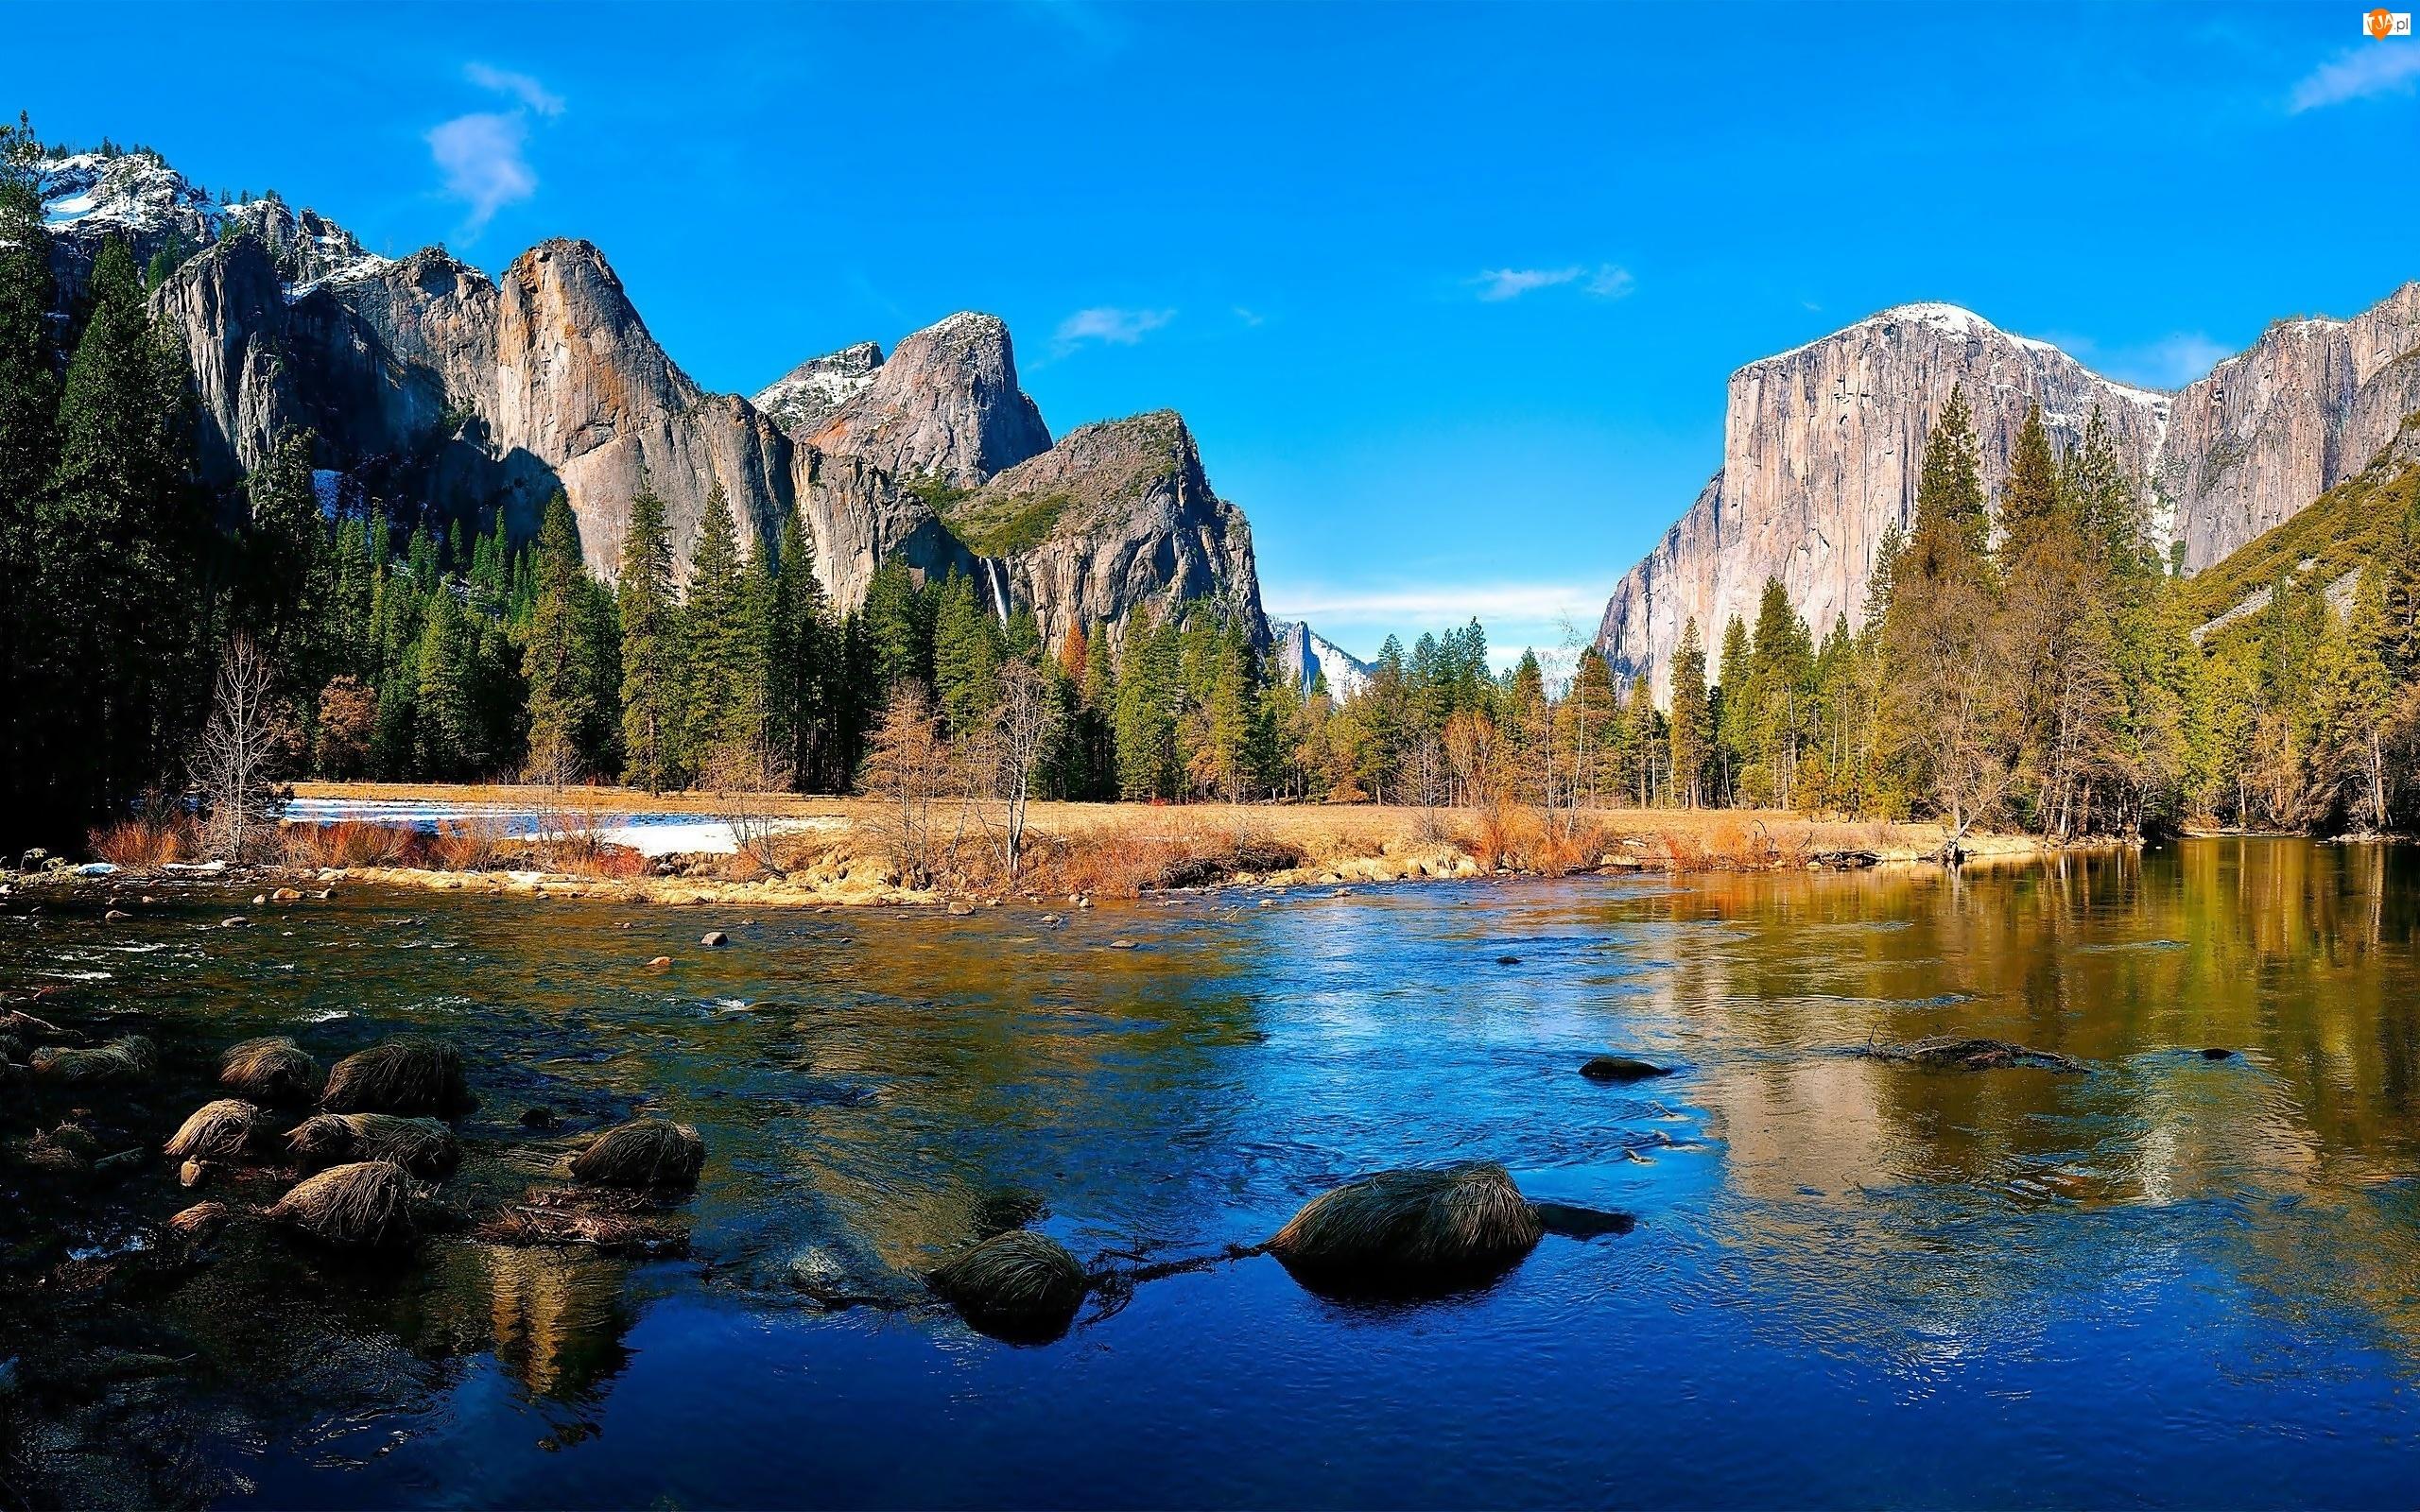 Stan Kalifornia, Park Narodowy Yosemite, Rzeka, Stany Zjednoczone, Chmury, Lasy, Góry